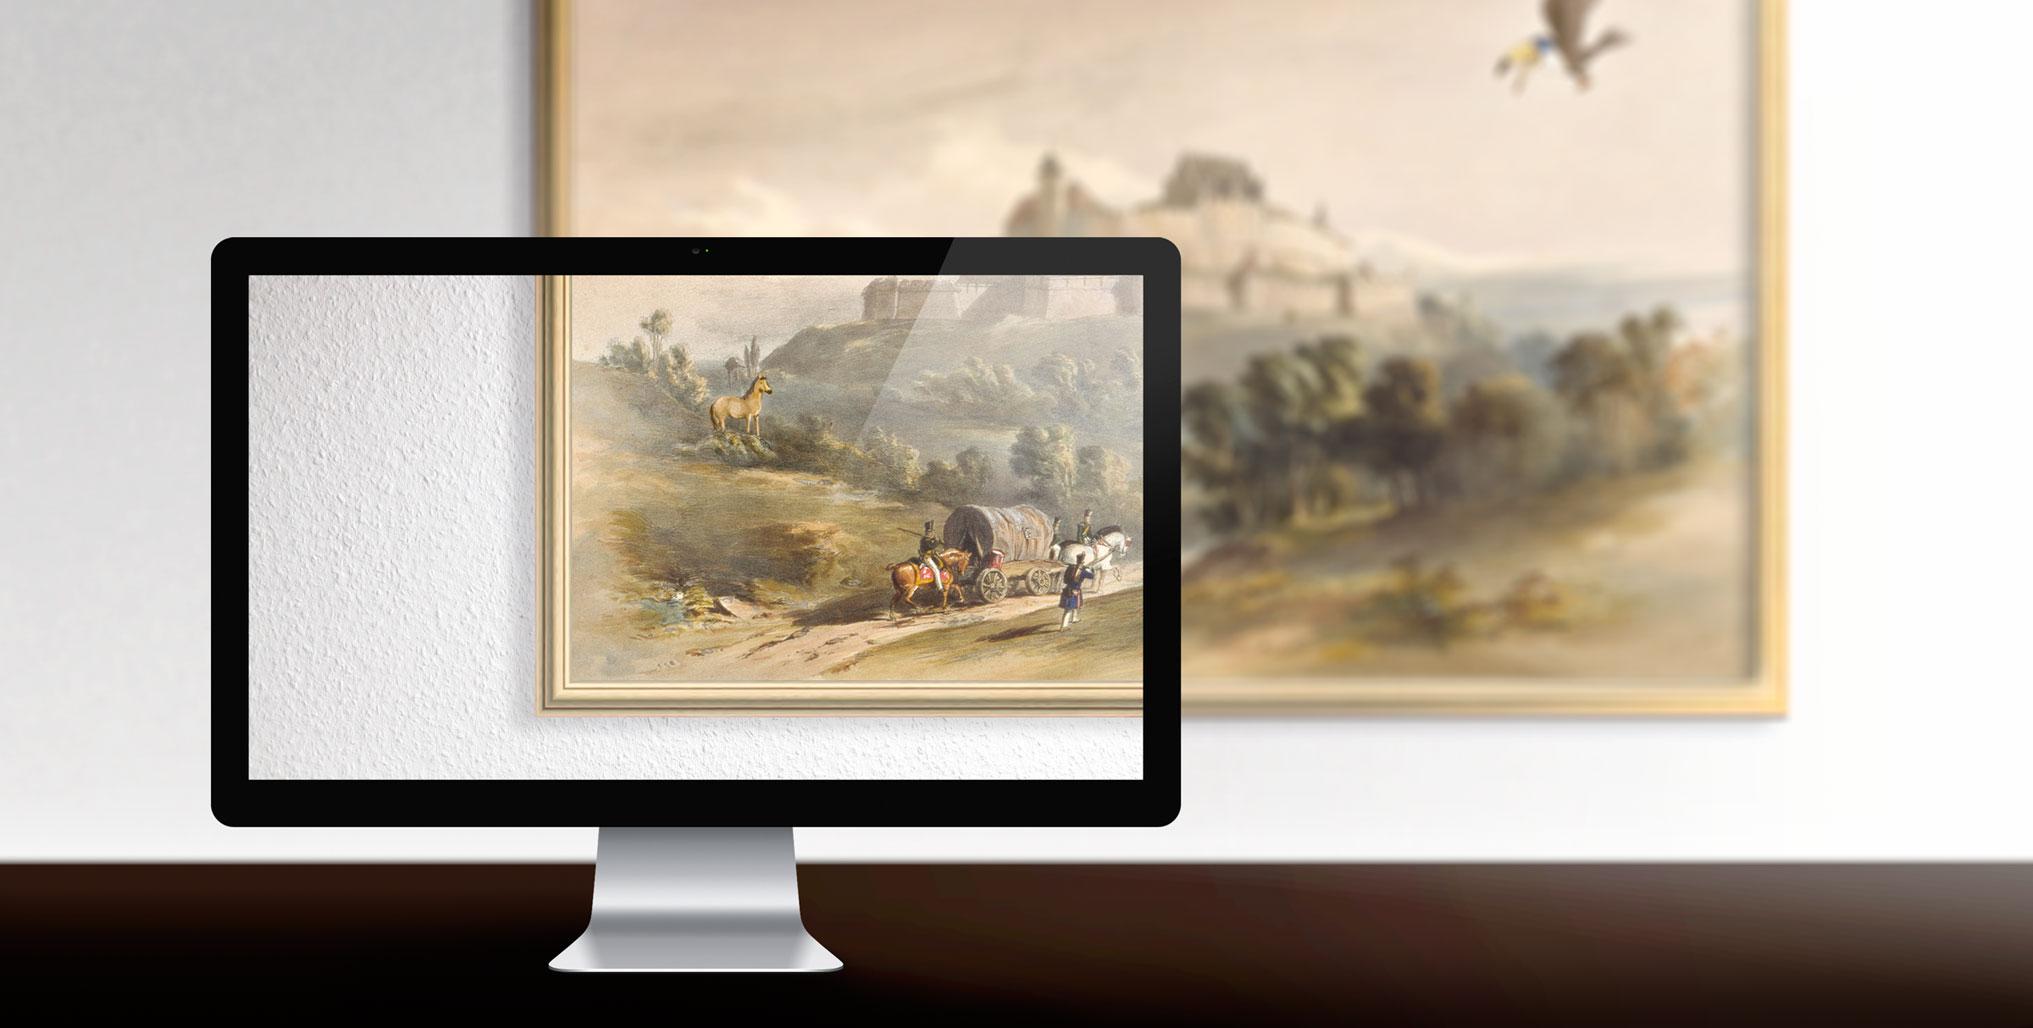 Schreibtisch der Werbeagentur in Coburg mit Veste Coburg im Hintergrund